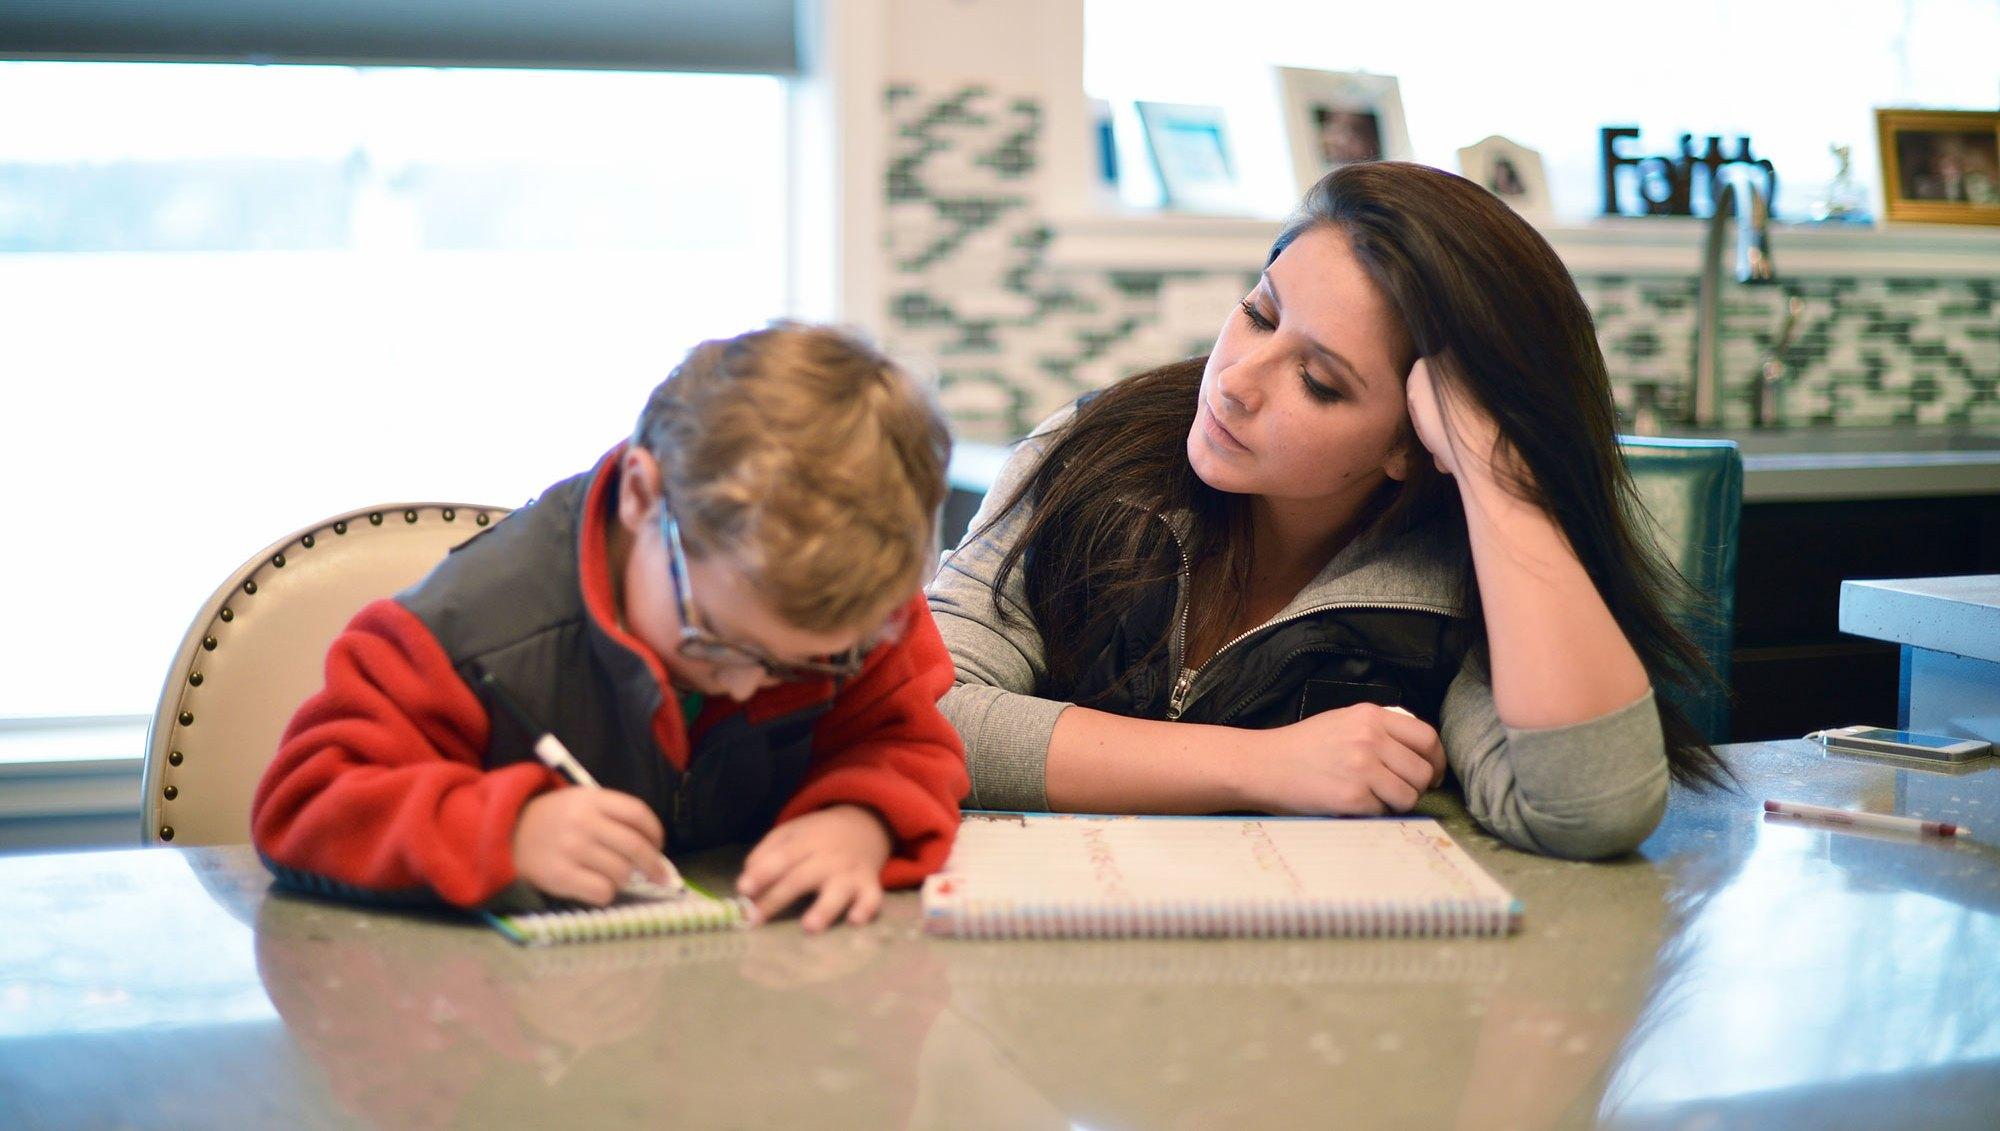 Bristol Palin with her son, Tripp Johnston